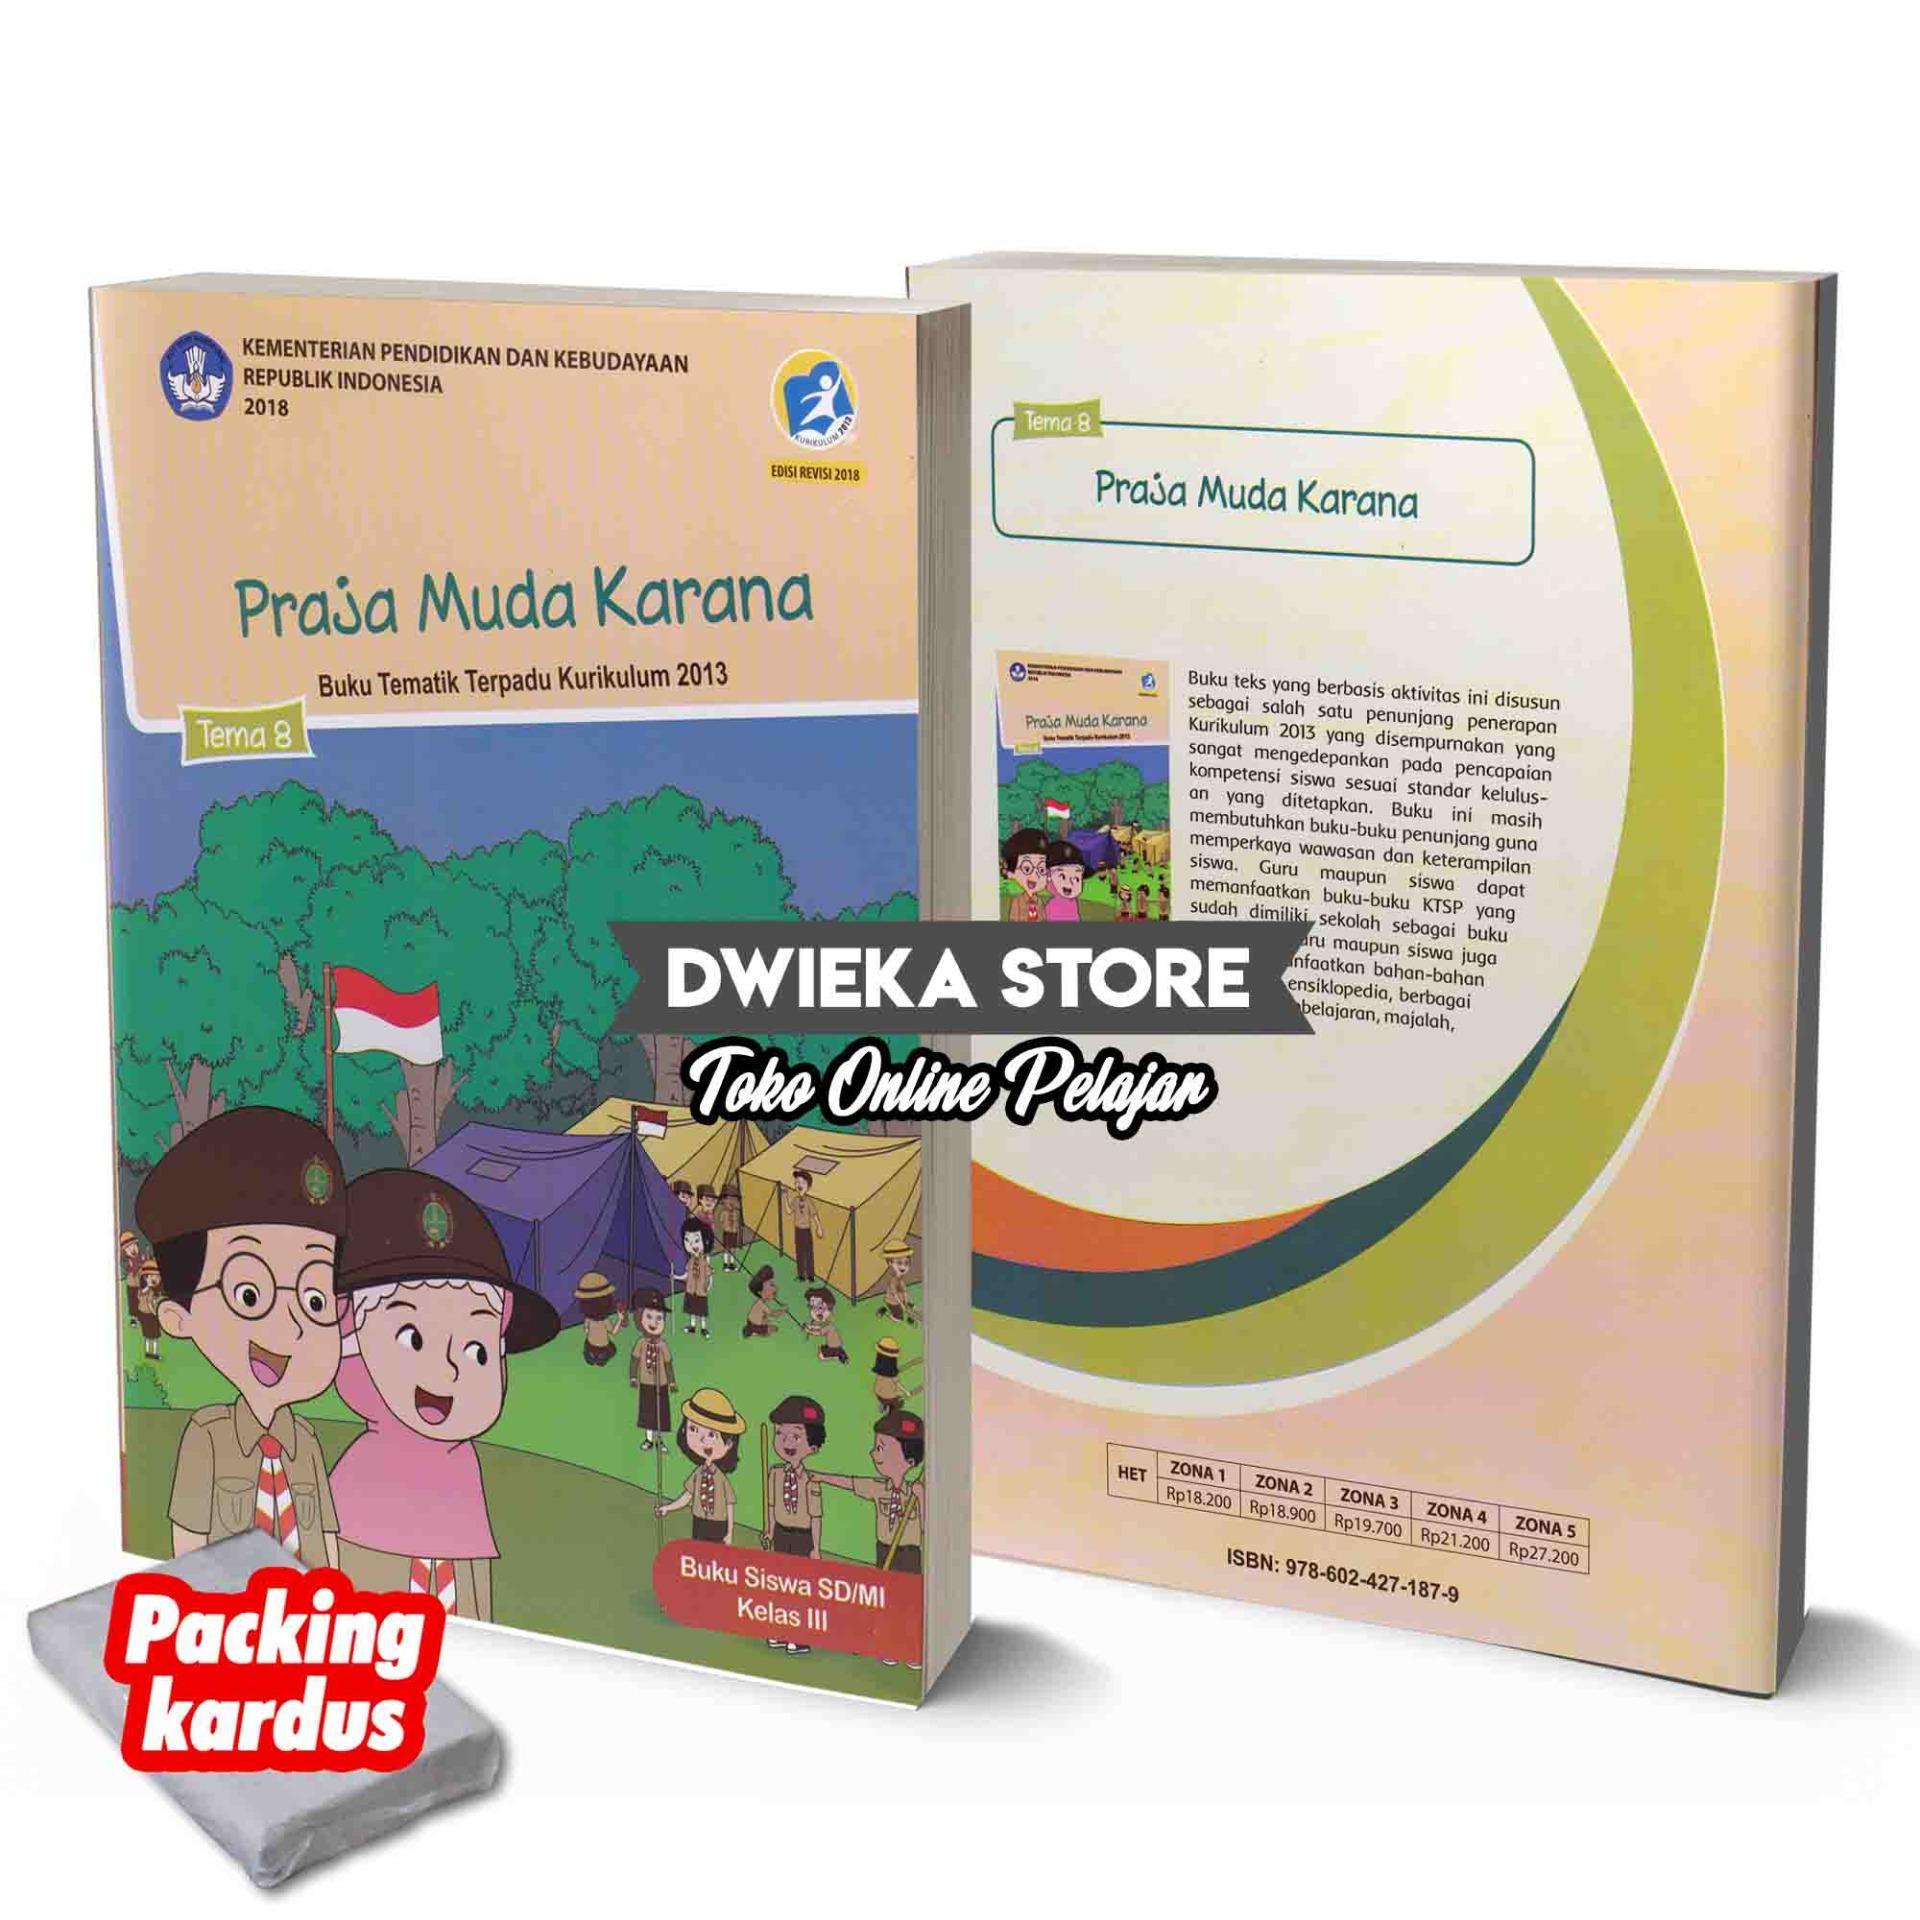 Buku Tematik Kelas 3 Tema 8  Praja Muda Karana  Kurikulum 2013 Edisi Revisi 2018 By Dwieka Store.